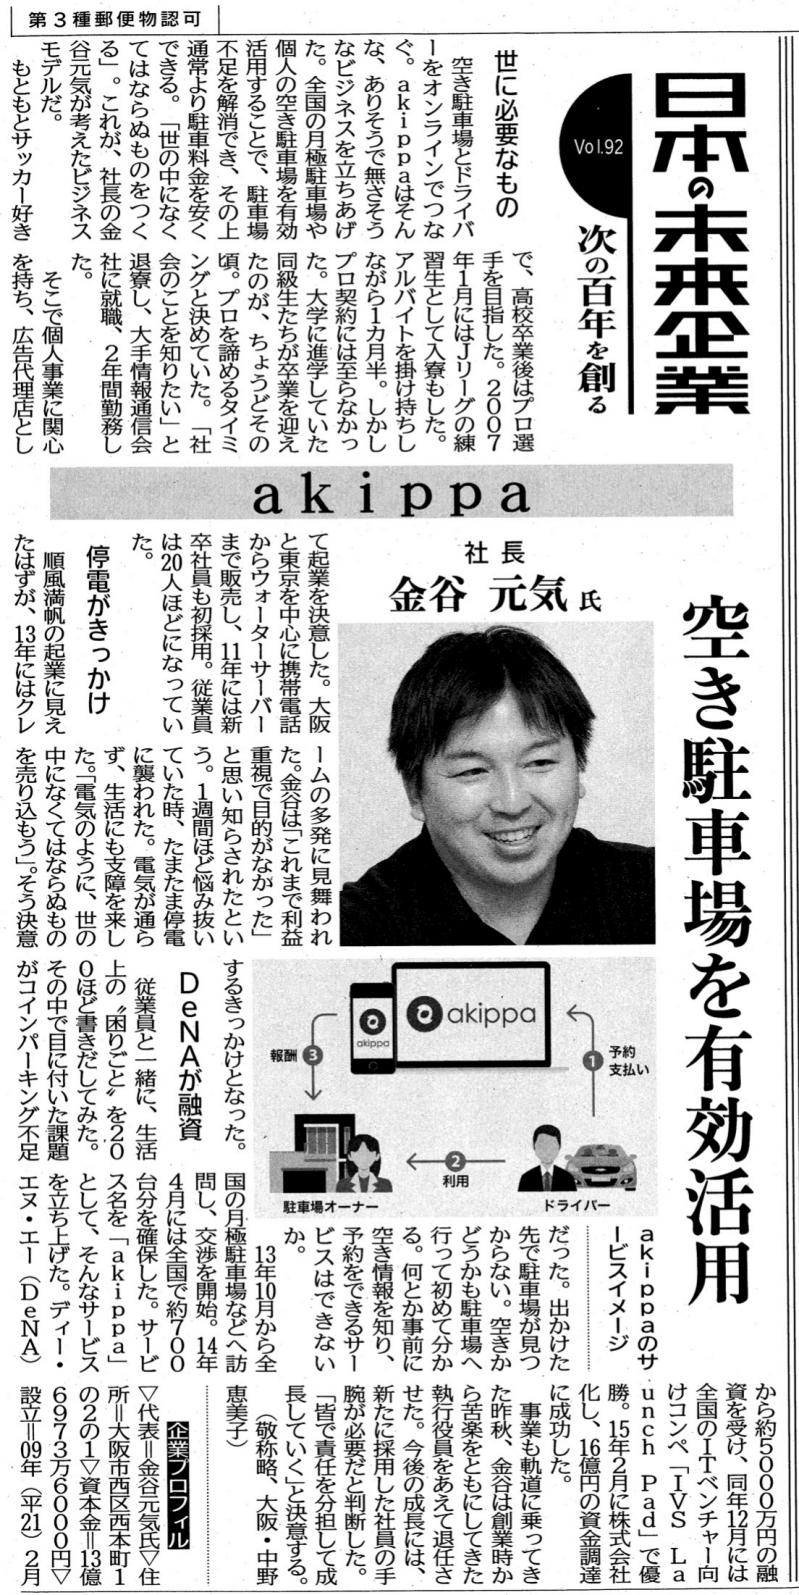 2017年7月24日 日刊工業新聞